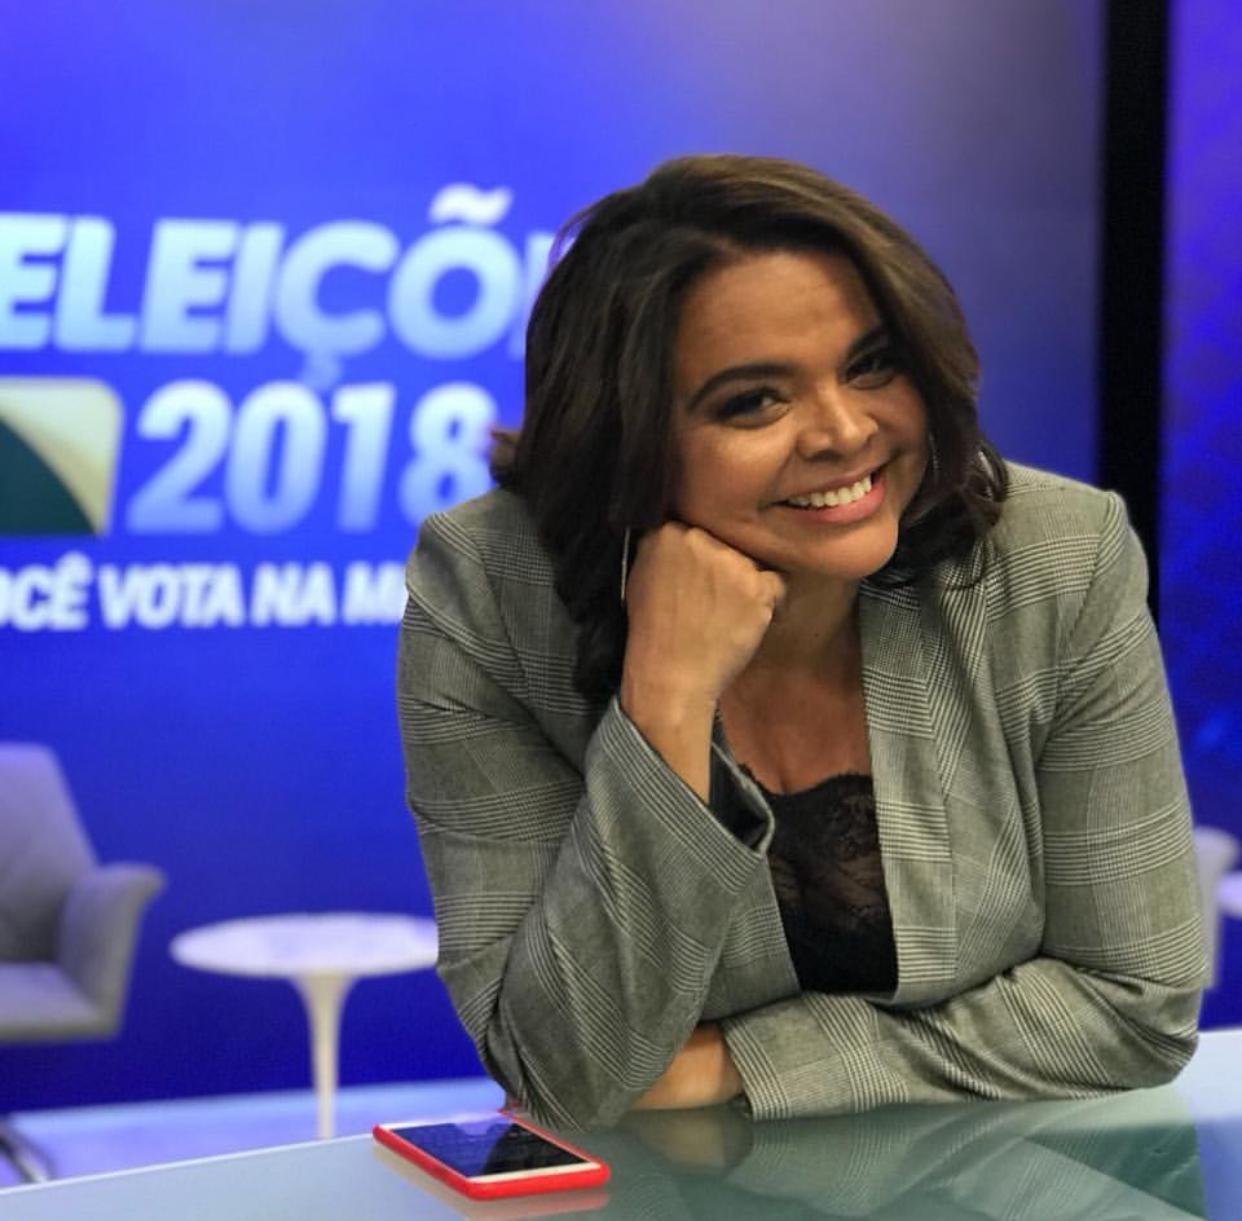 Jornalista Maia Veloso vai mediar o debate entre os candidatos (Meionorte.com / Arquivo)